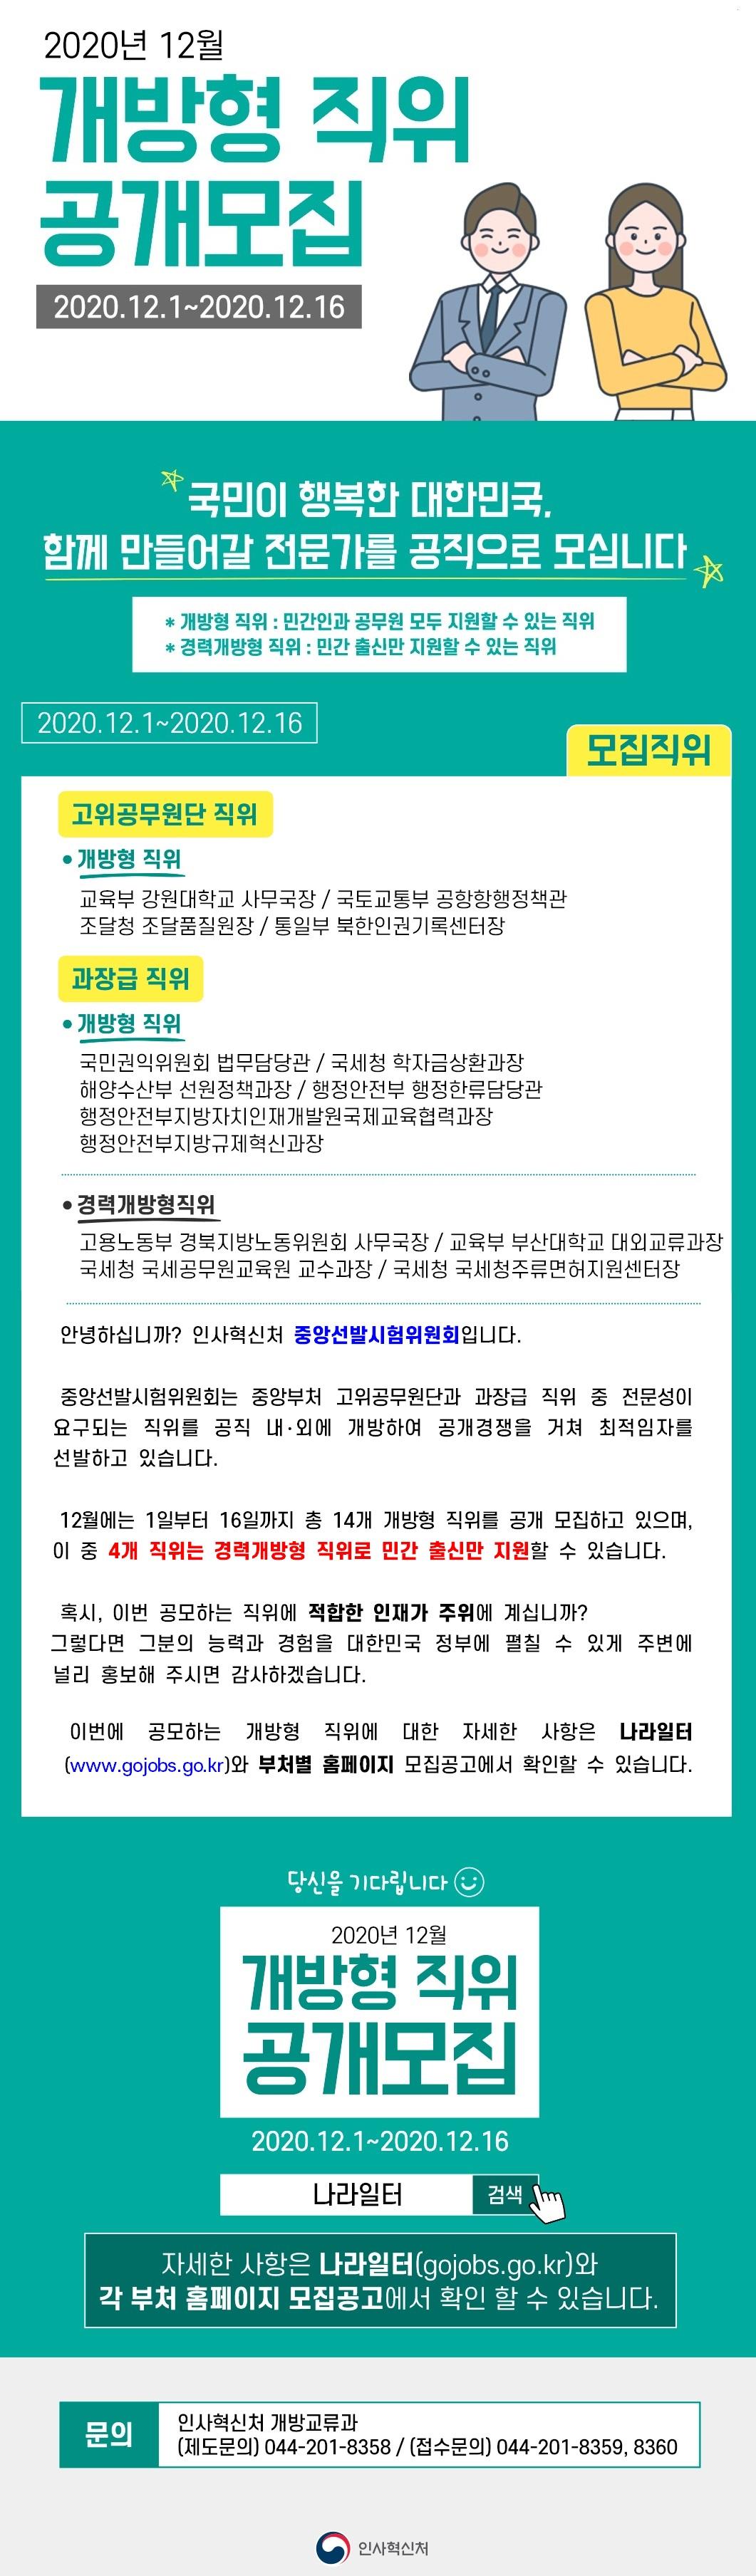 20.12.인사혁신처개방형.png